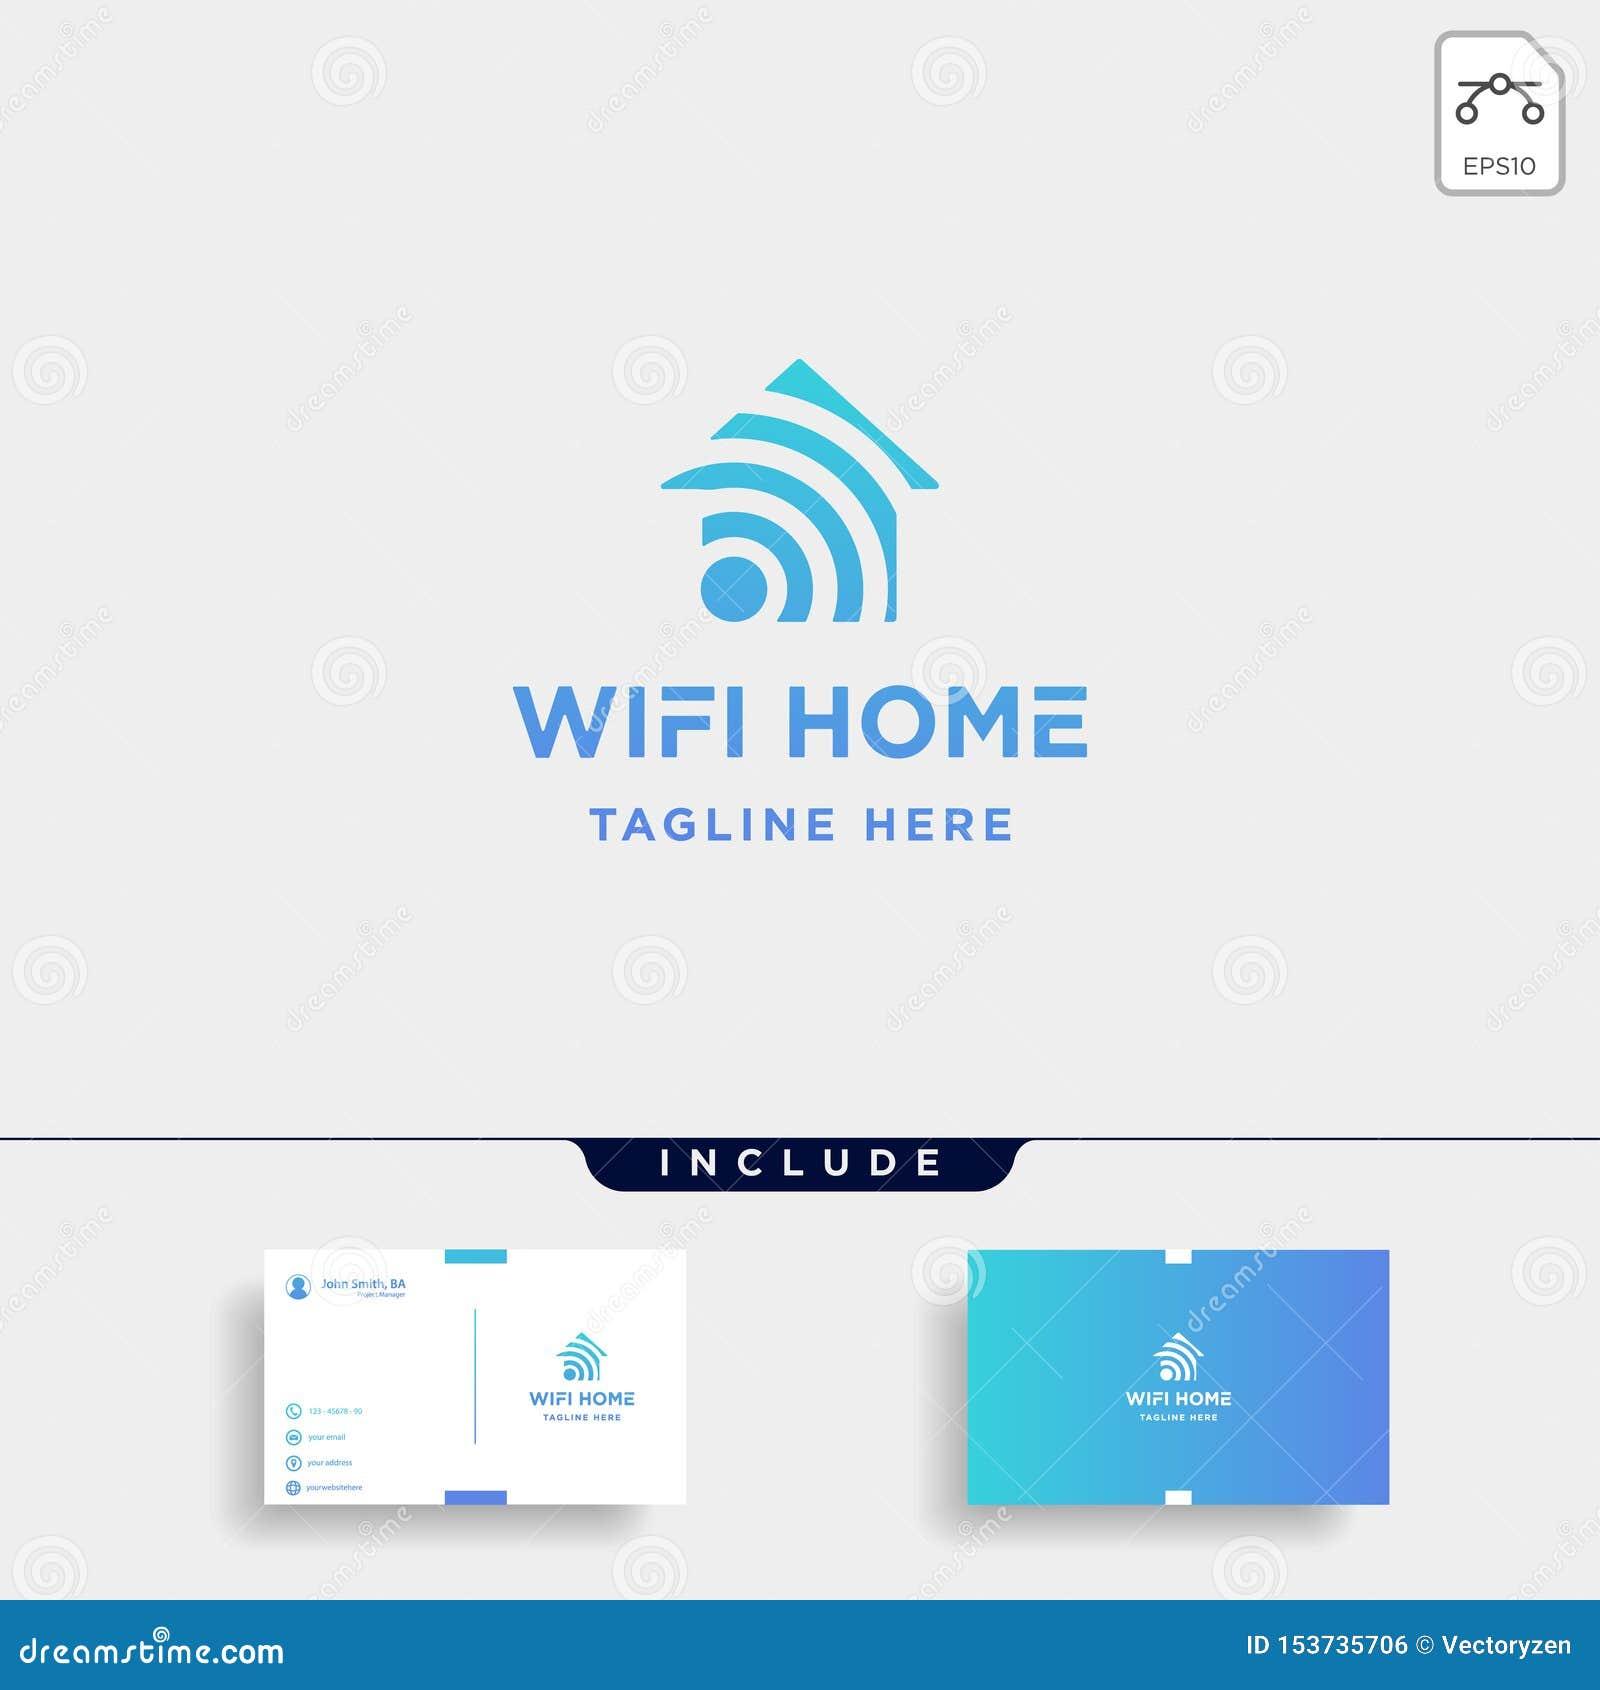 Home Internet Logo Design Vector Wifi House Icon Siymbol